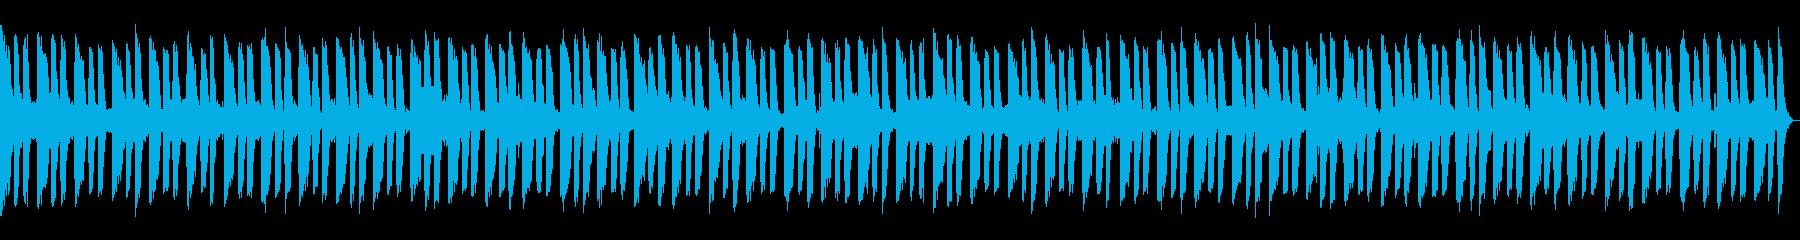 怪しいムードのギターリフのBGMの再生済みの波形